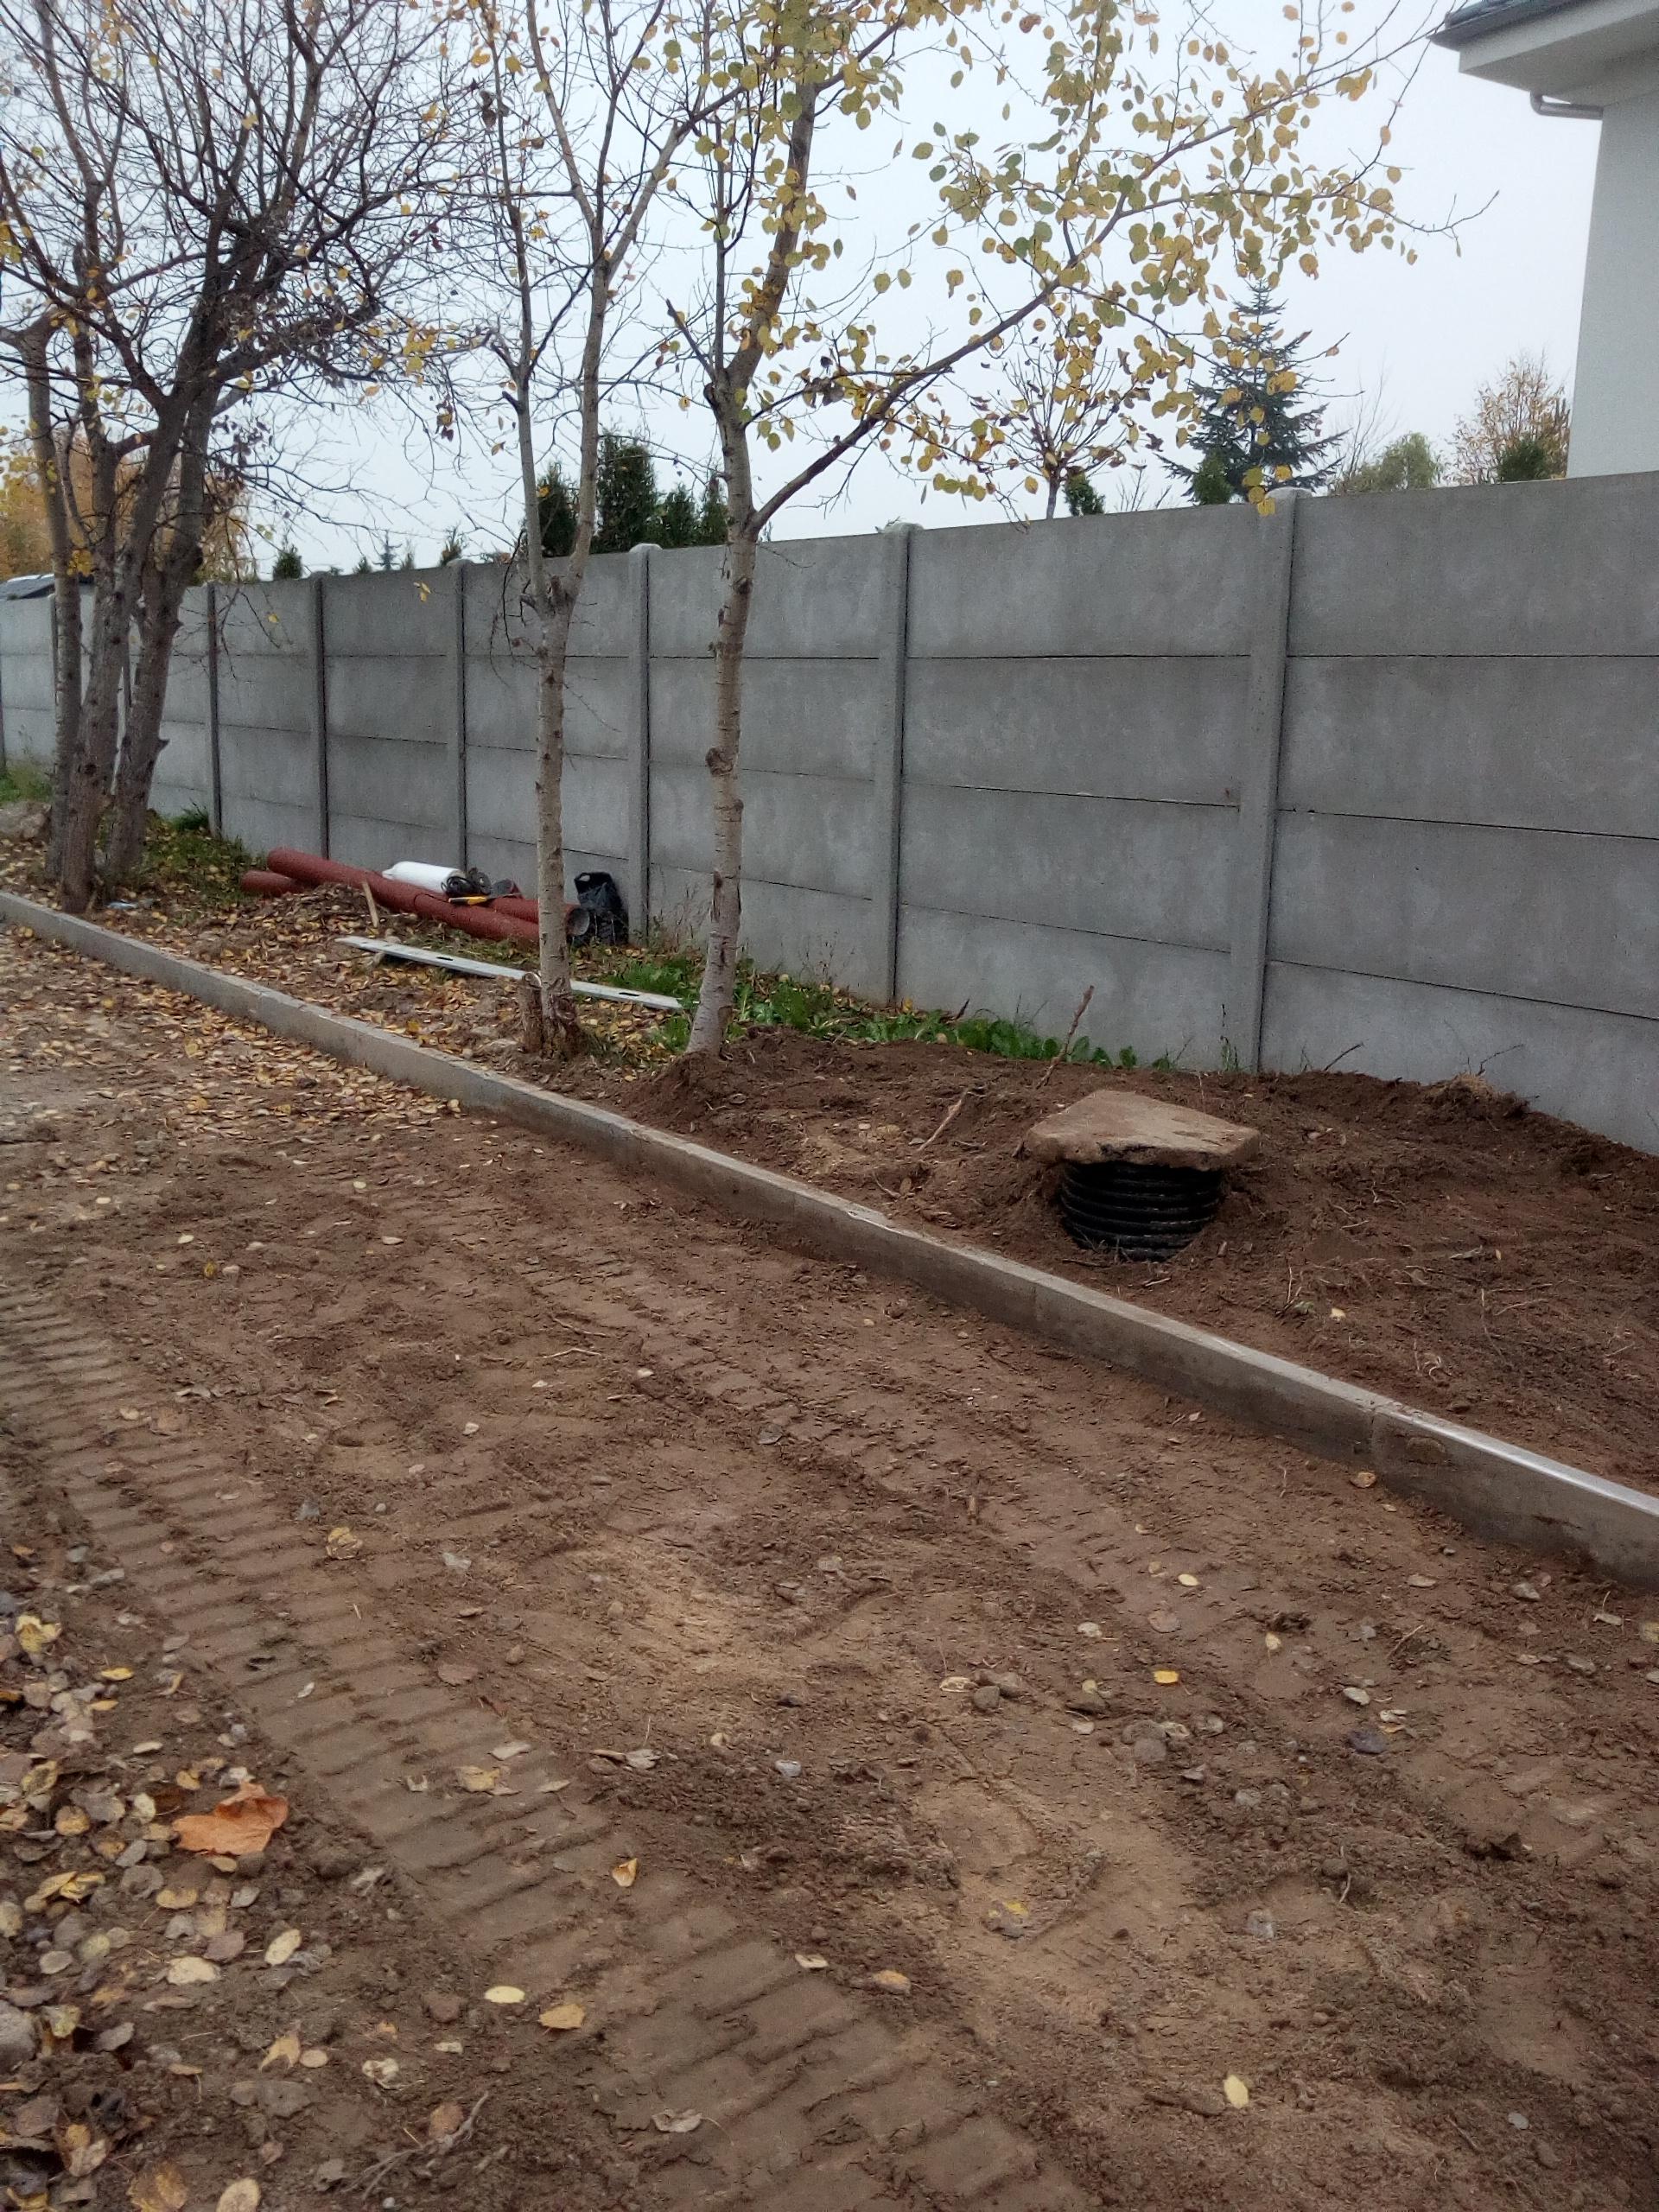 Na zdjęciu ul. Poznańska w Kiekrzu w trakcie budowy. Po prawej stronie krawężnik, za nim krawężnik, narzędzia, drzewa i płot betonowy.